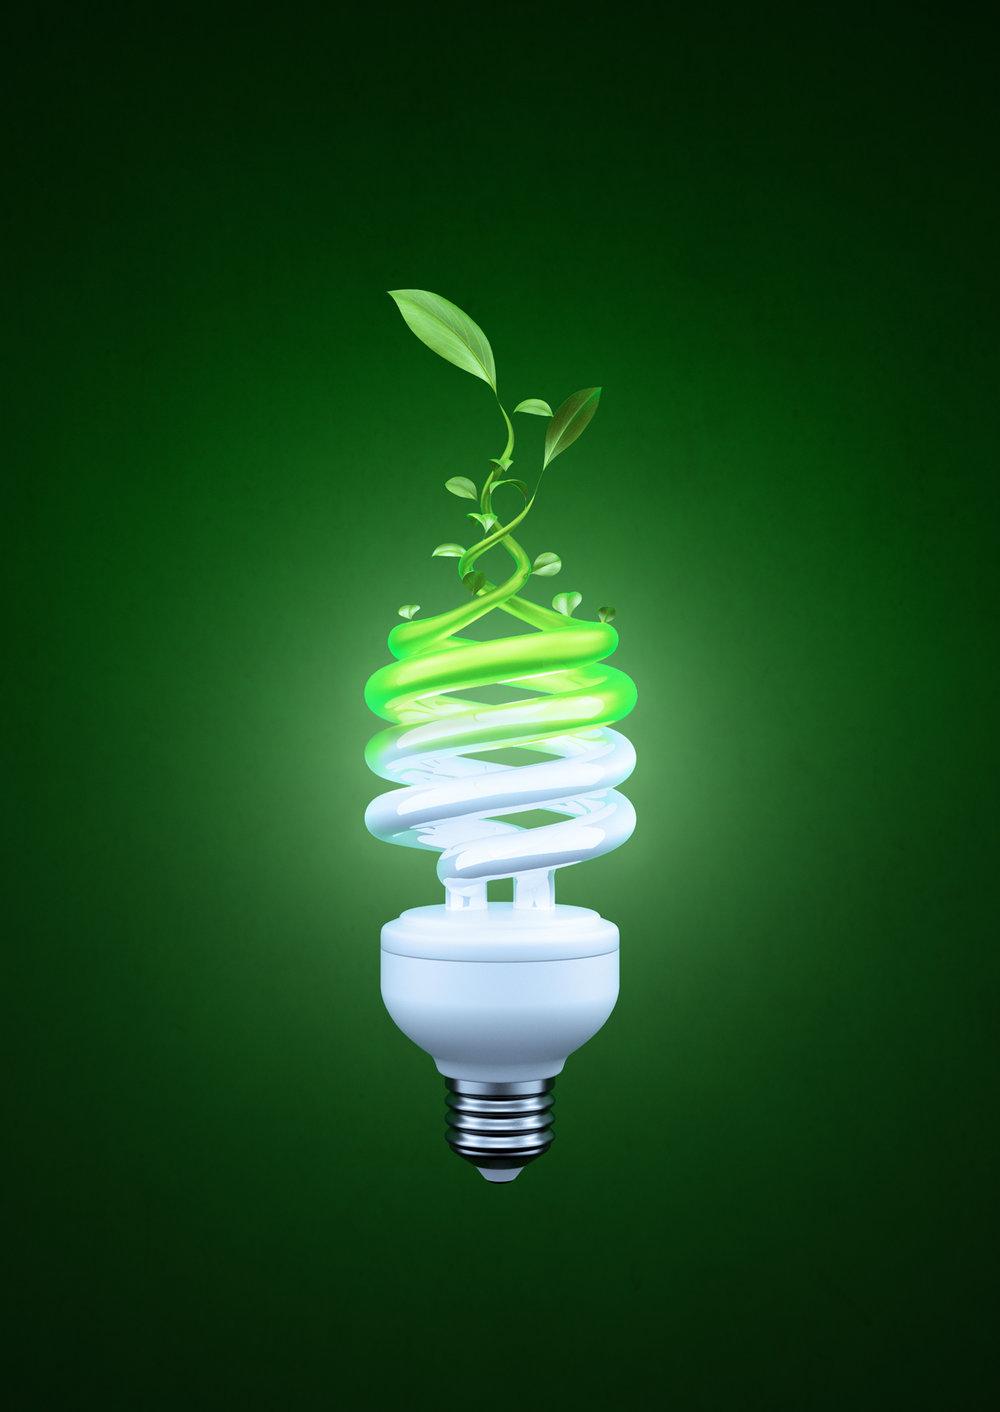 Eco_bulb.jpg